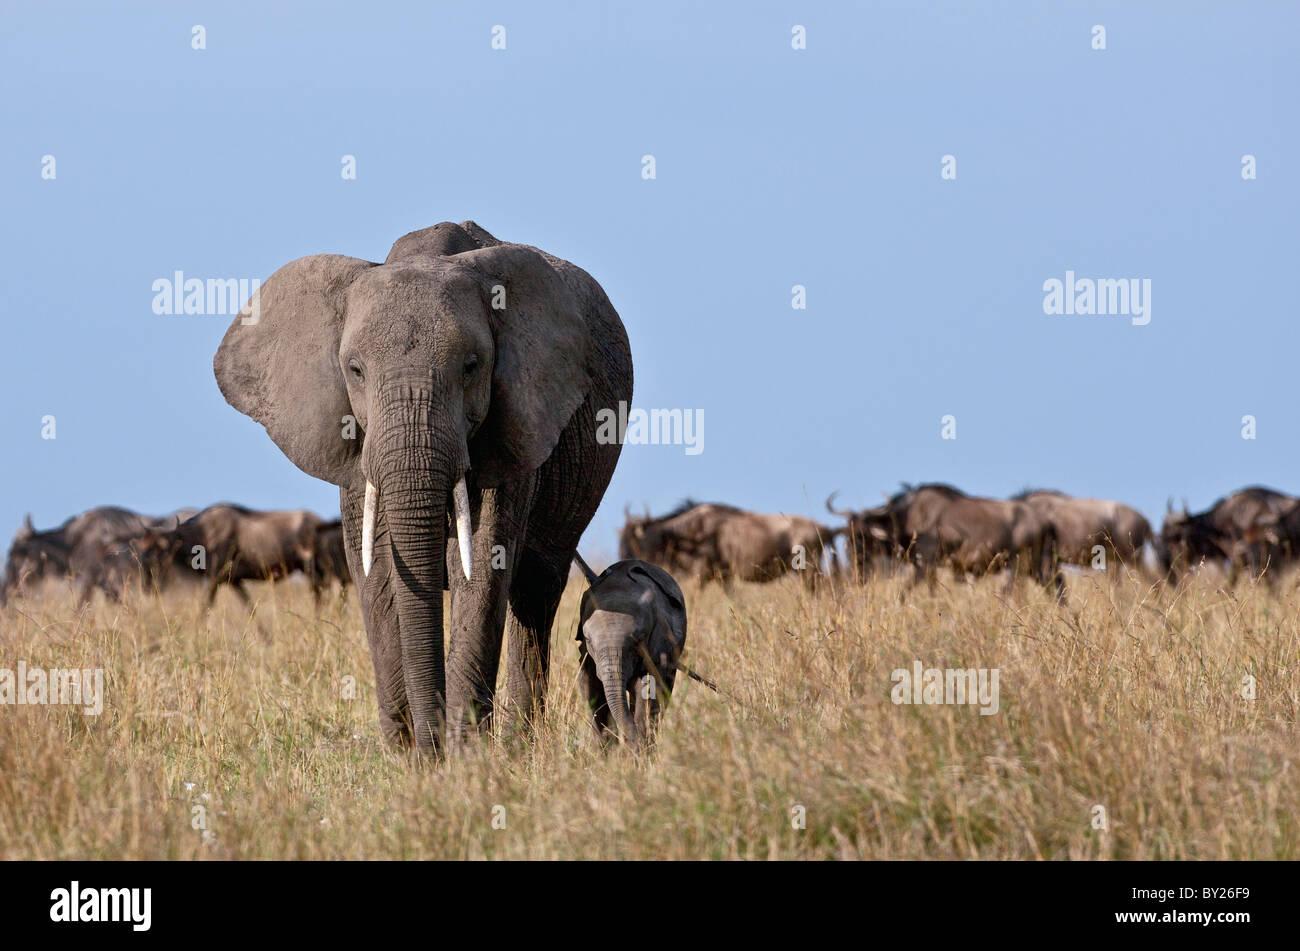 Un éléphant et son petit veau avec un troupeau de gnous en arrière-plan. Photo Stock